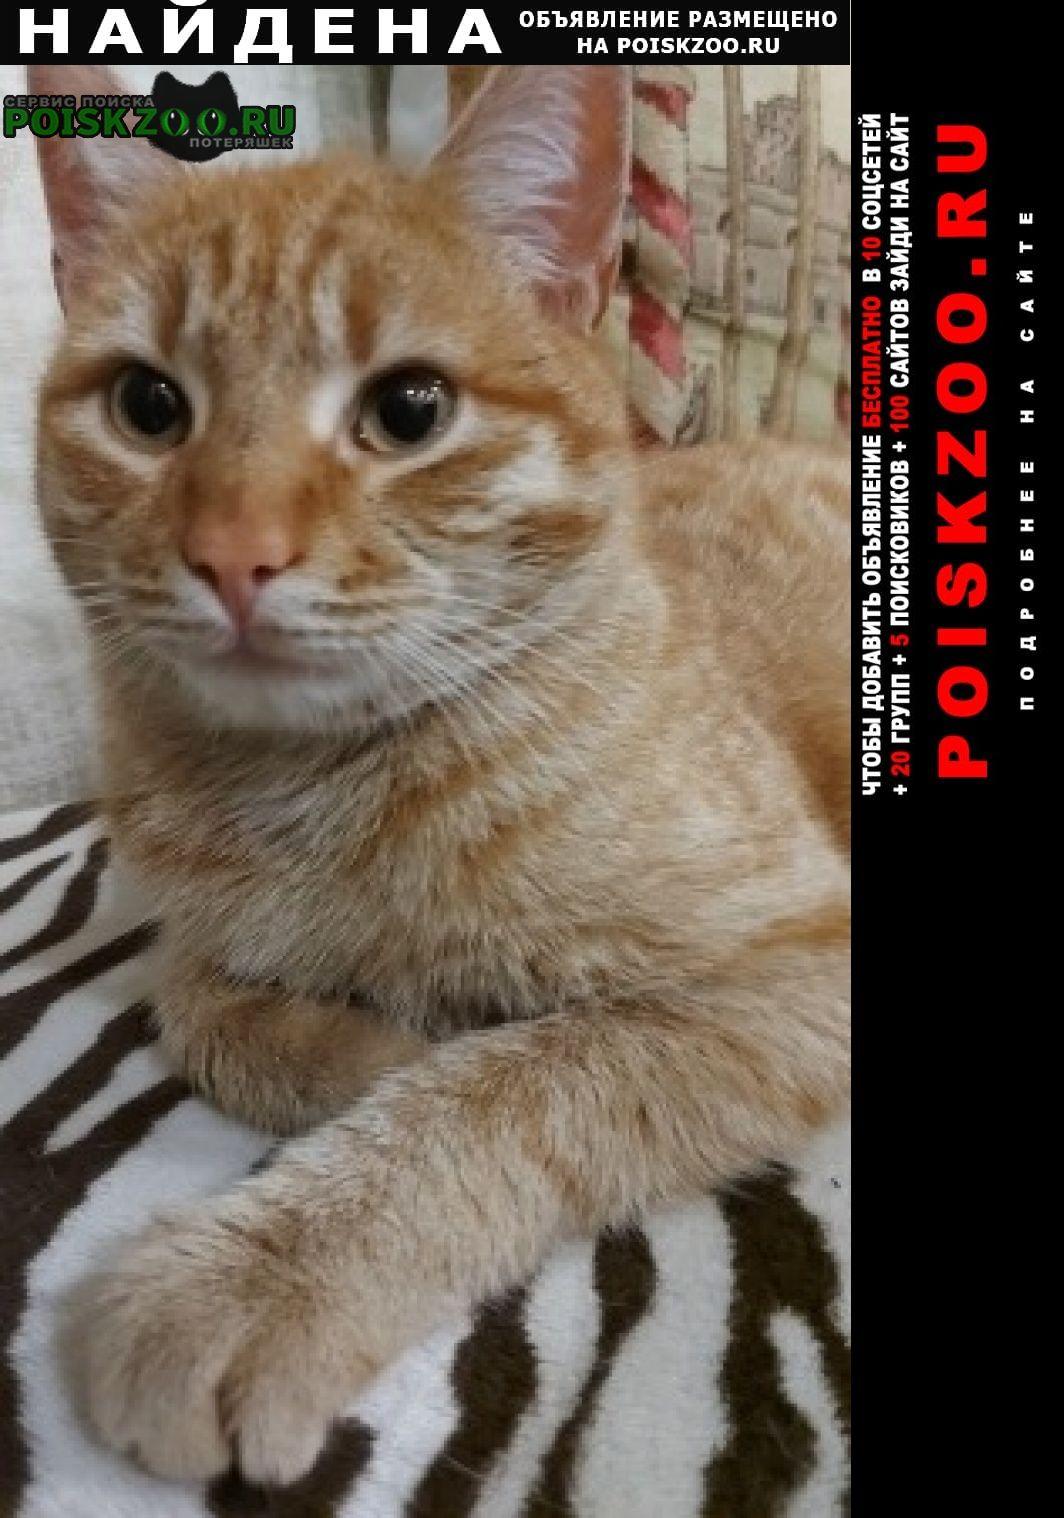 Найден кот Аксай (Ростовская обл.)